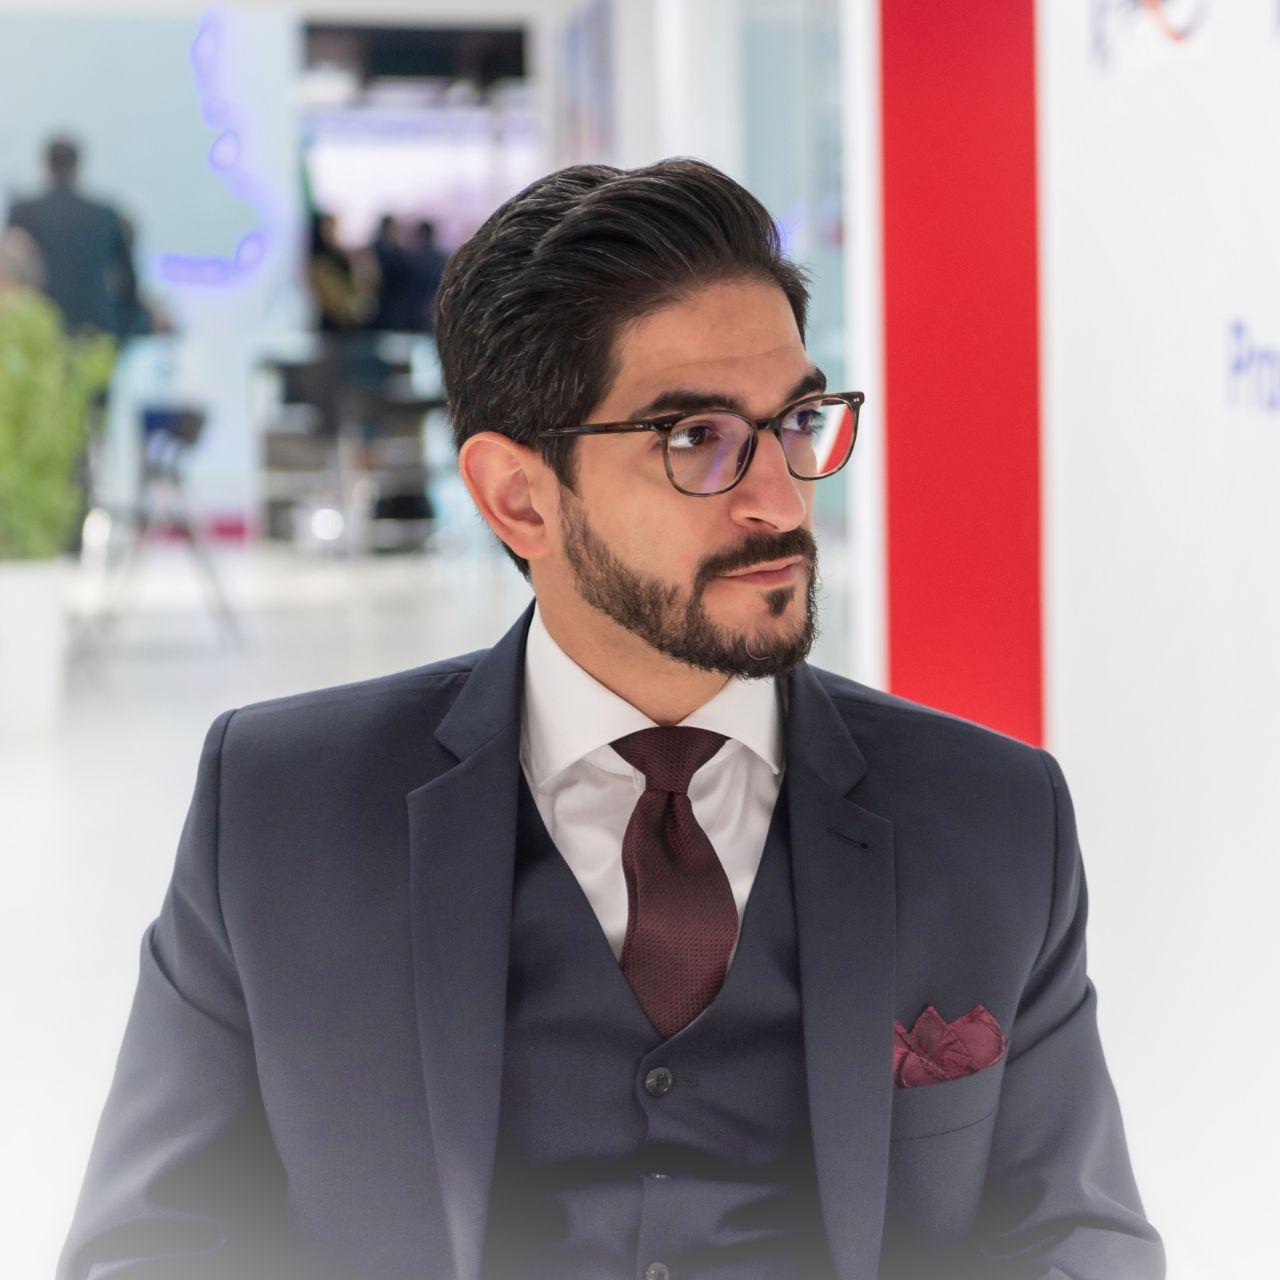 Dawood Nazirizadeh Inhaber der Unternehmensberatung Wiesbaden